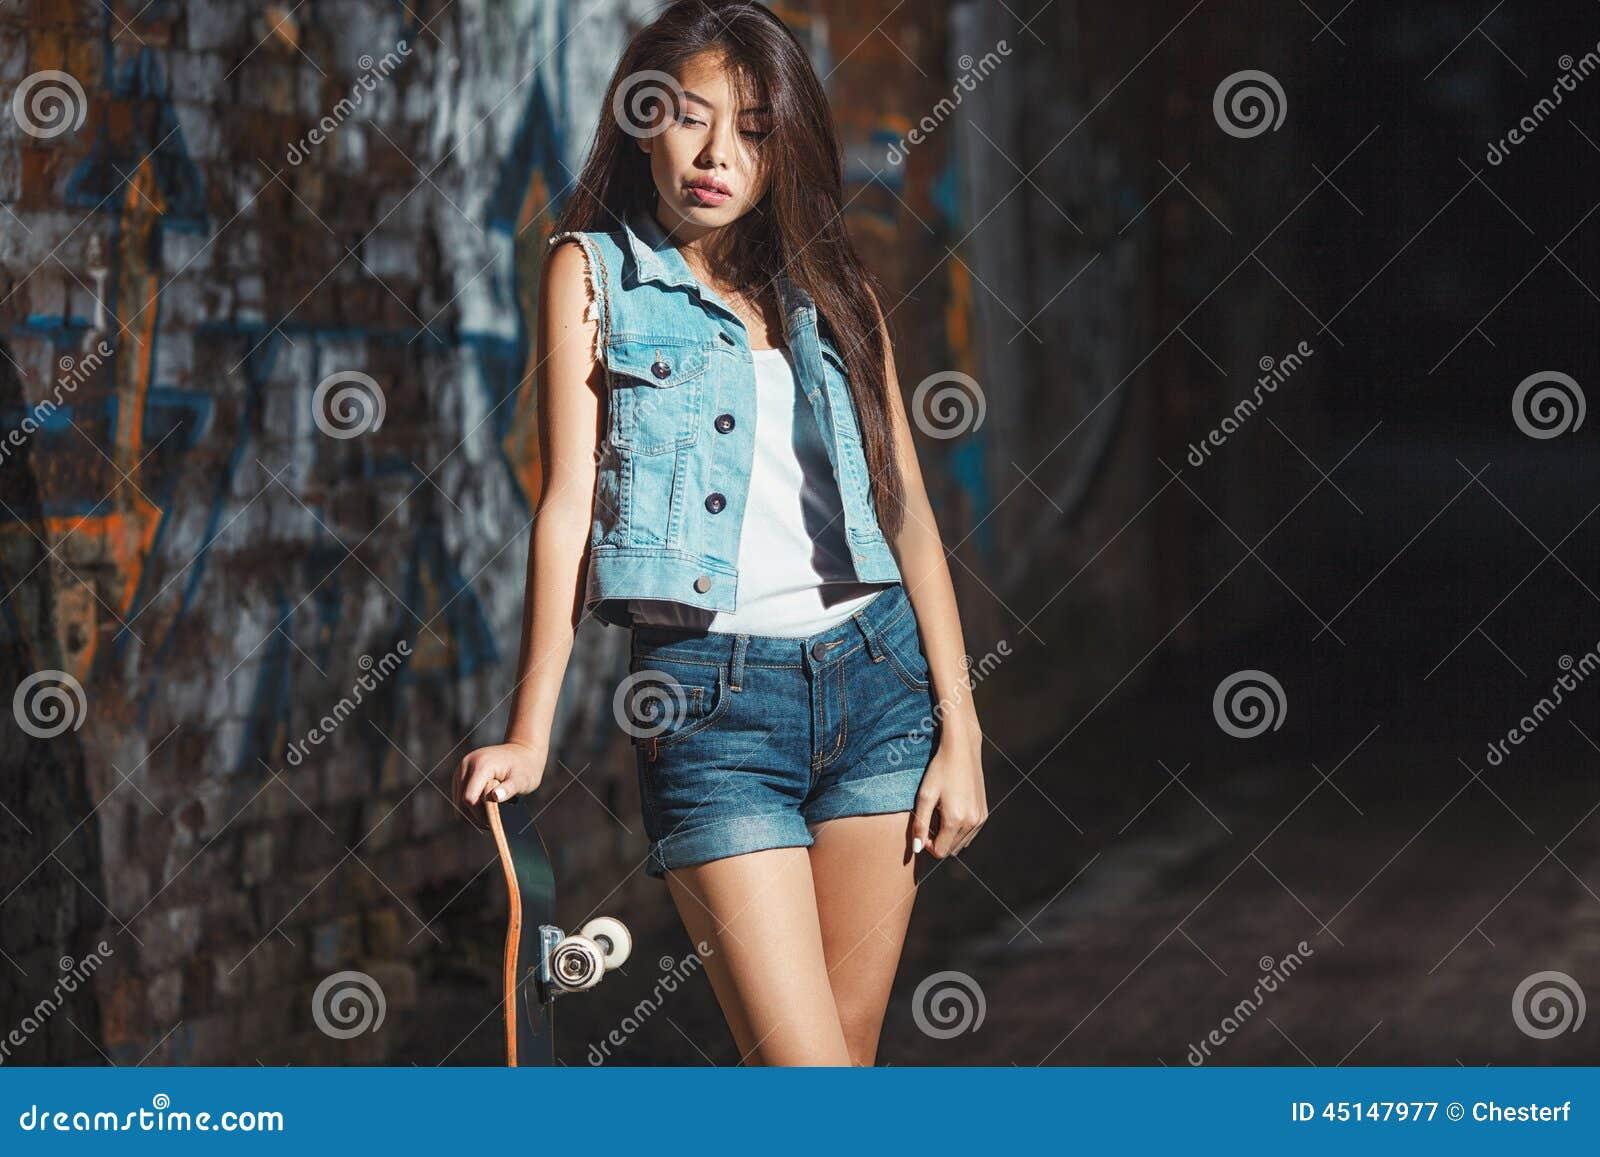 Menina adolescente com placa do patim, estilo de vida urbano